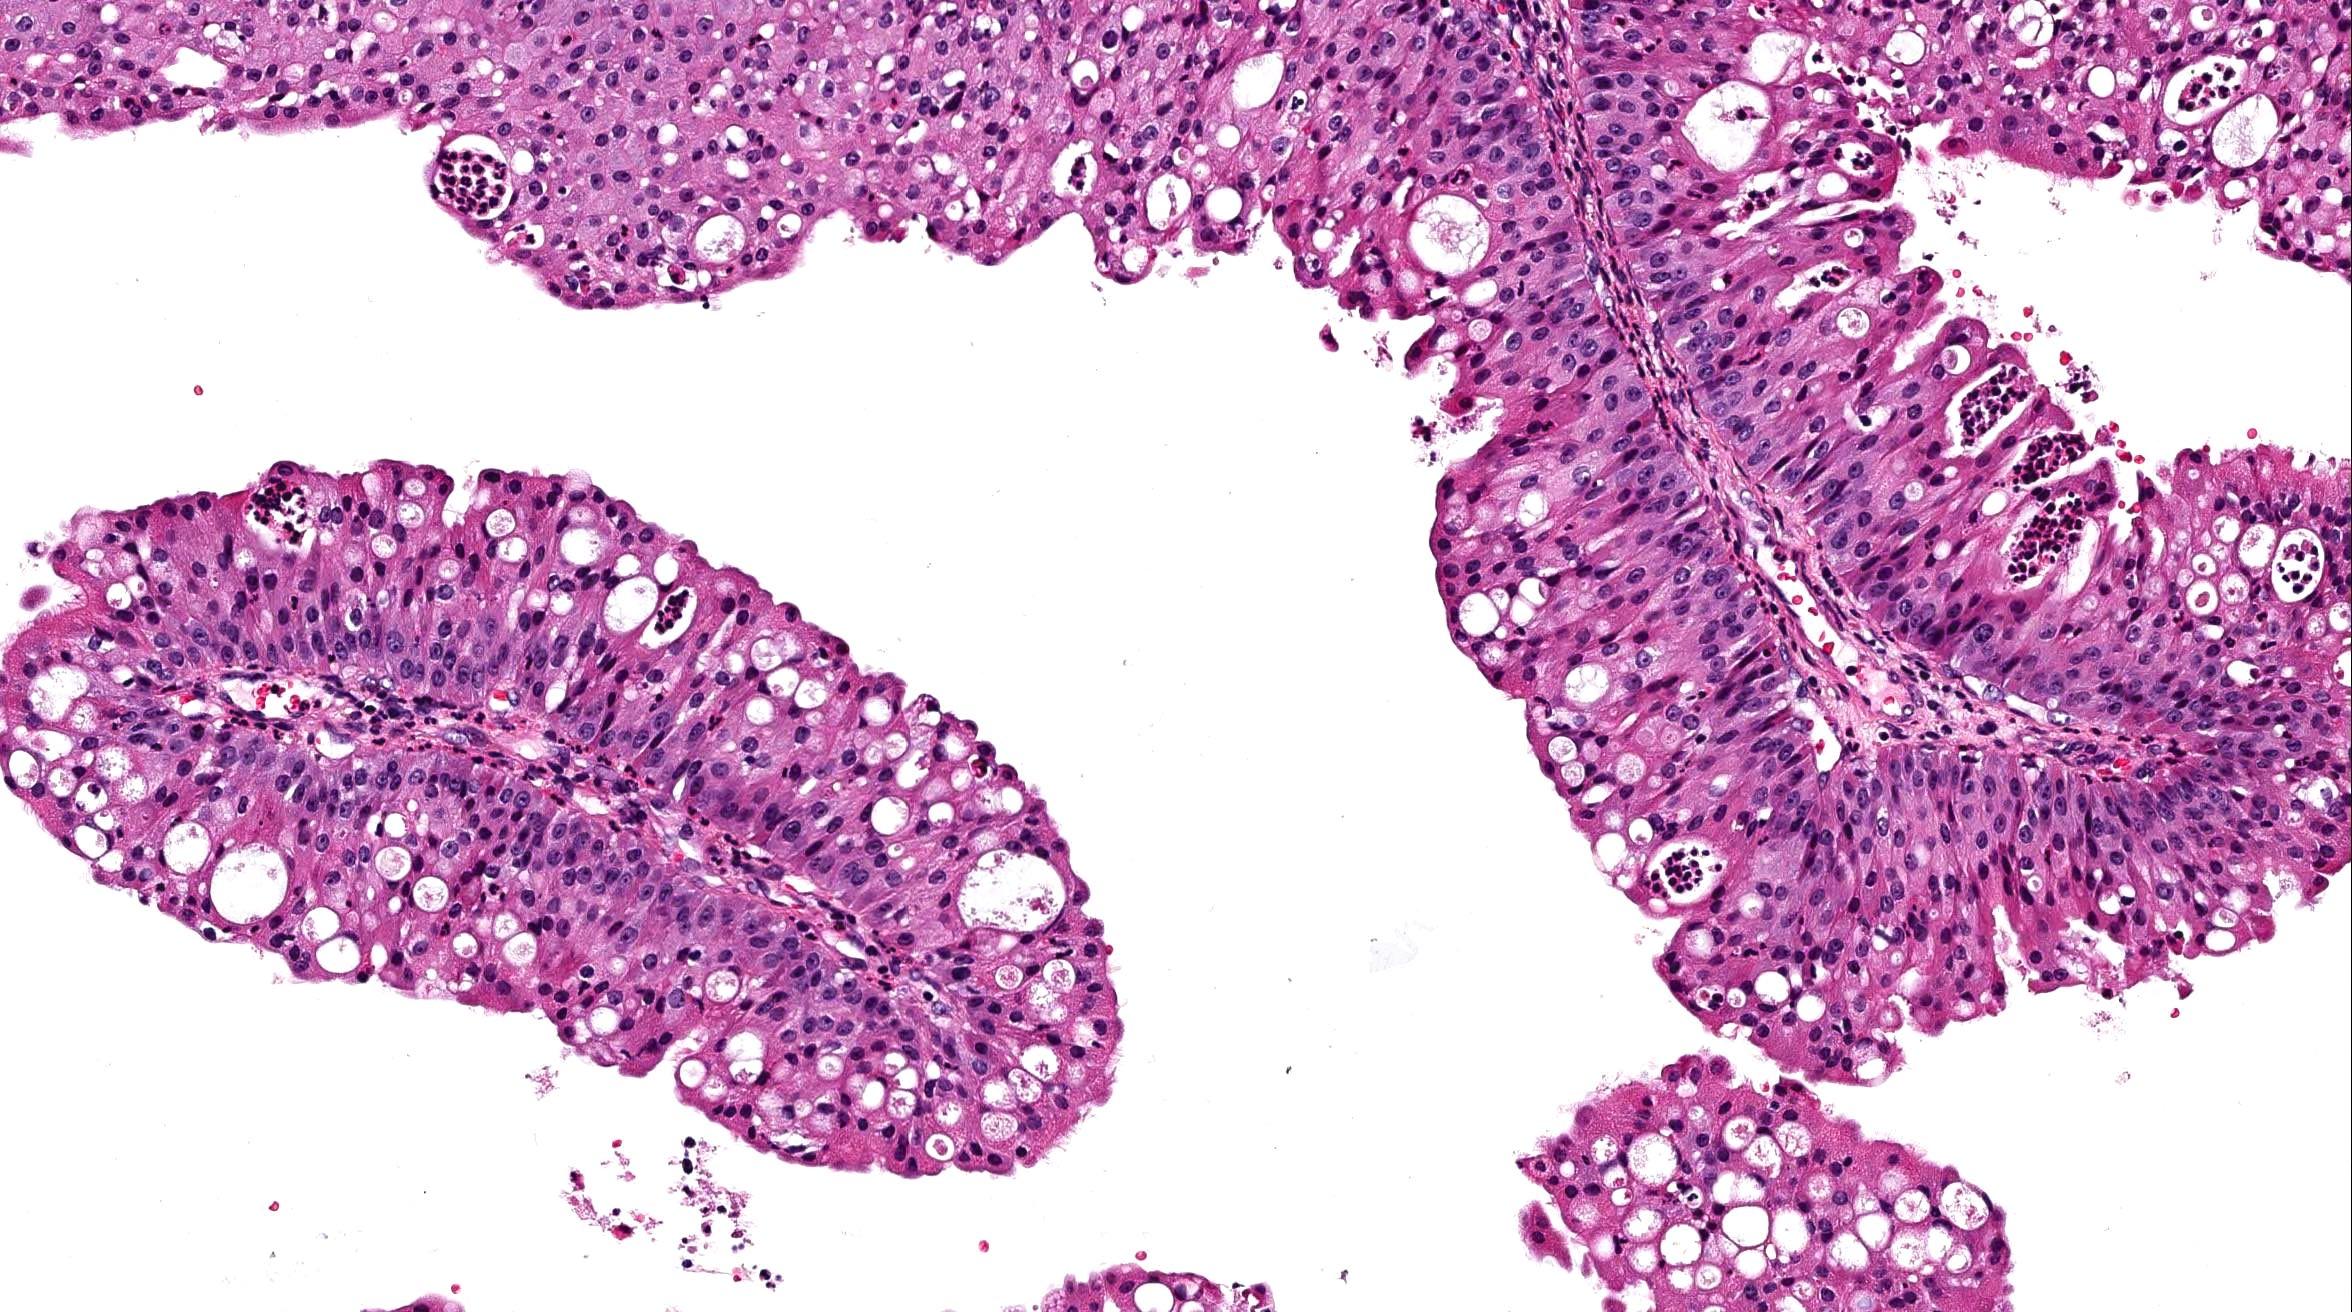 urethral papilloma pathology outlines)